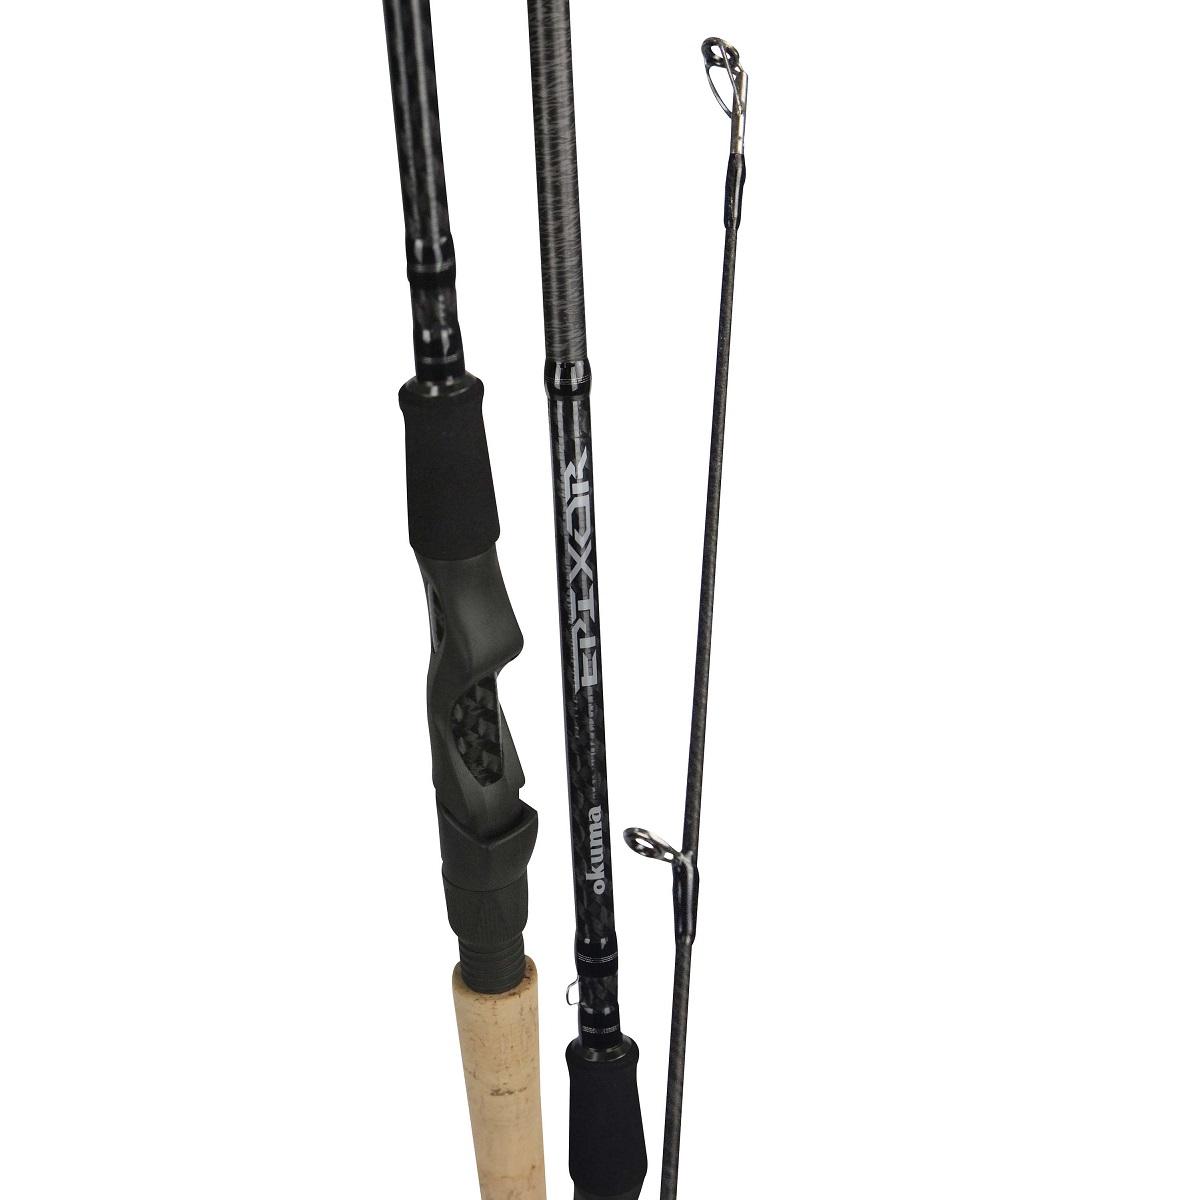 Epixor rod 2018 new okuma fishing rods and reels for Okuma fishing rods